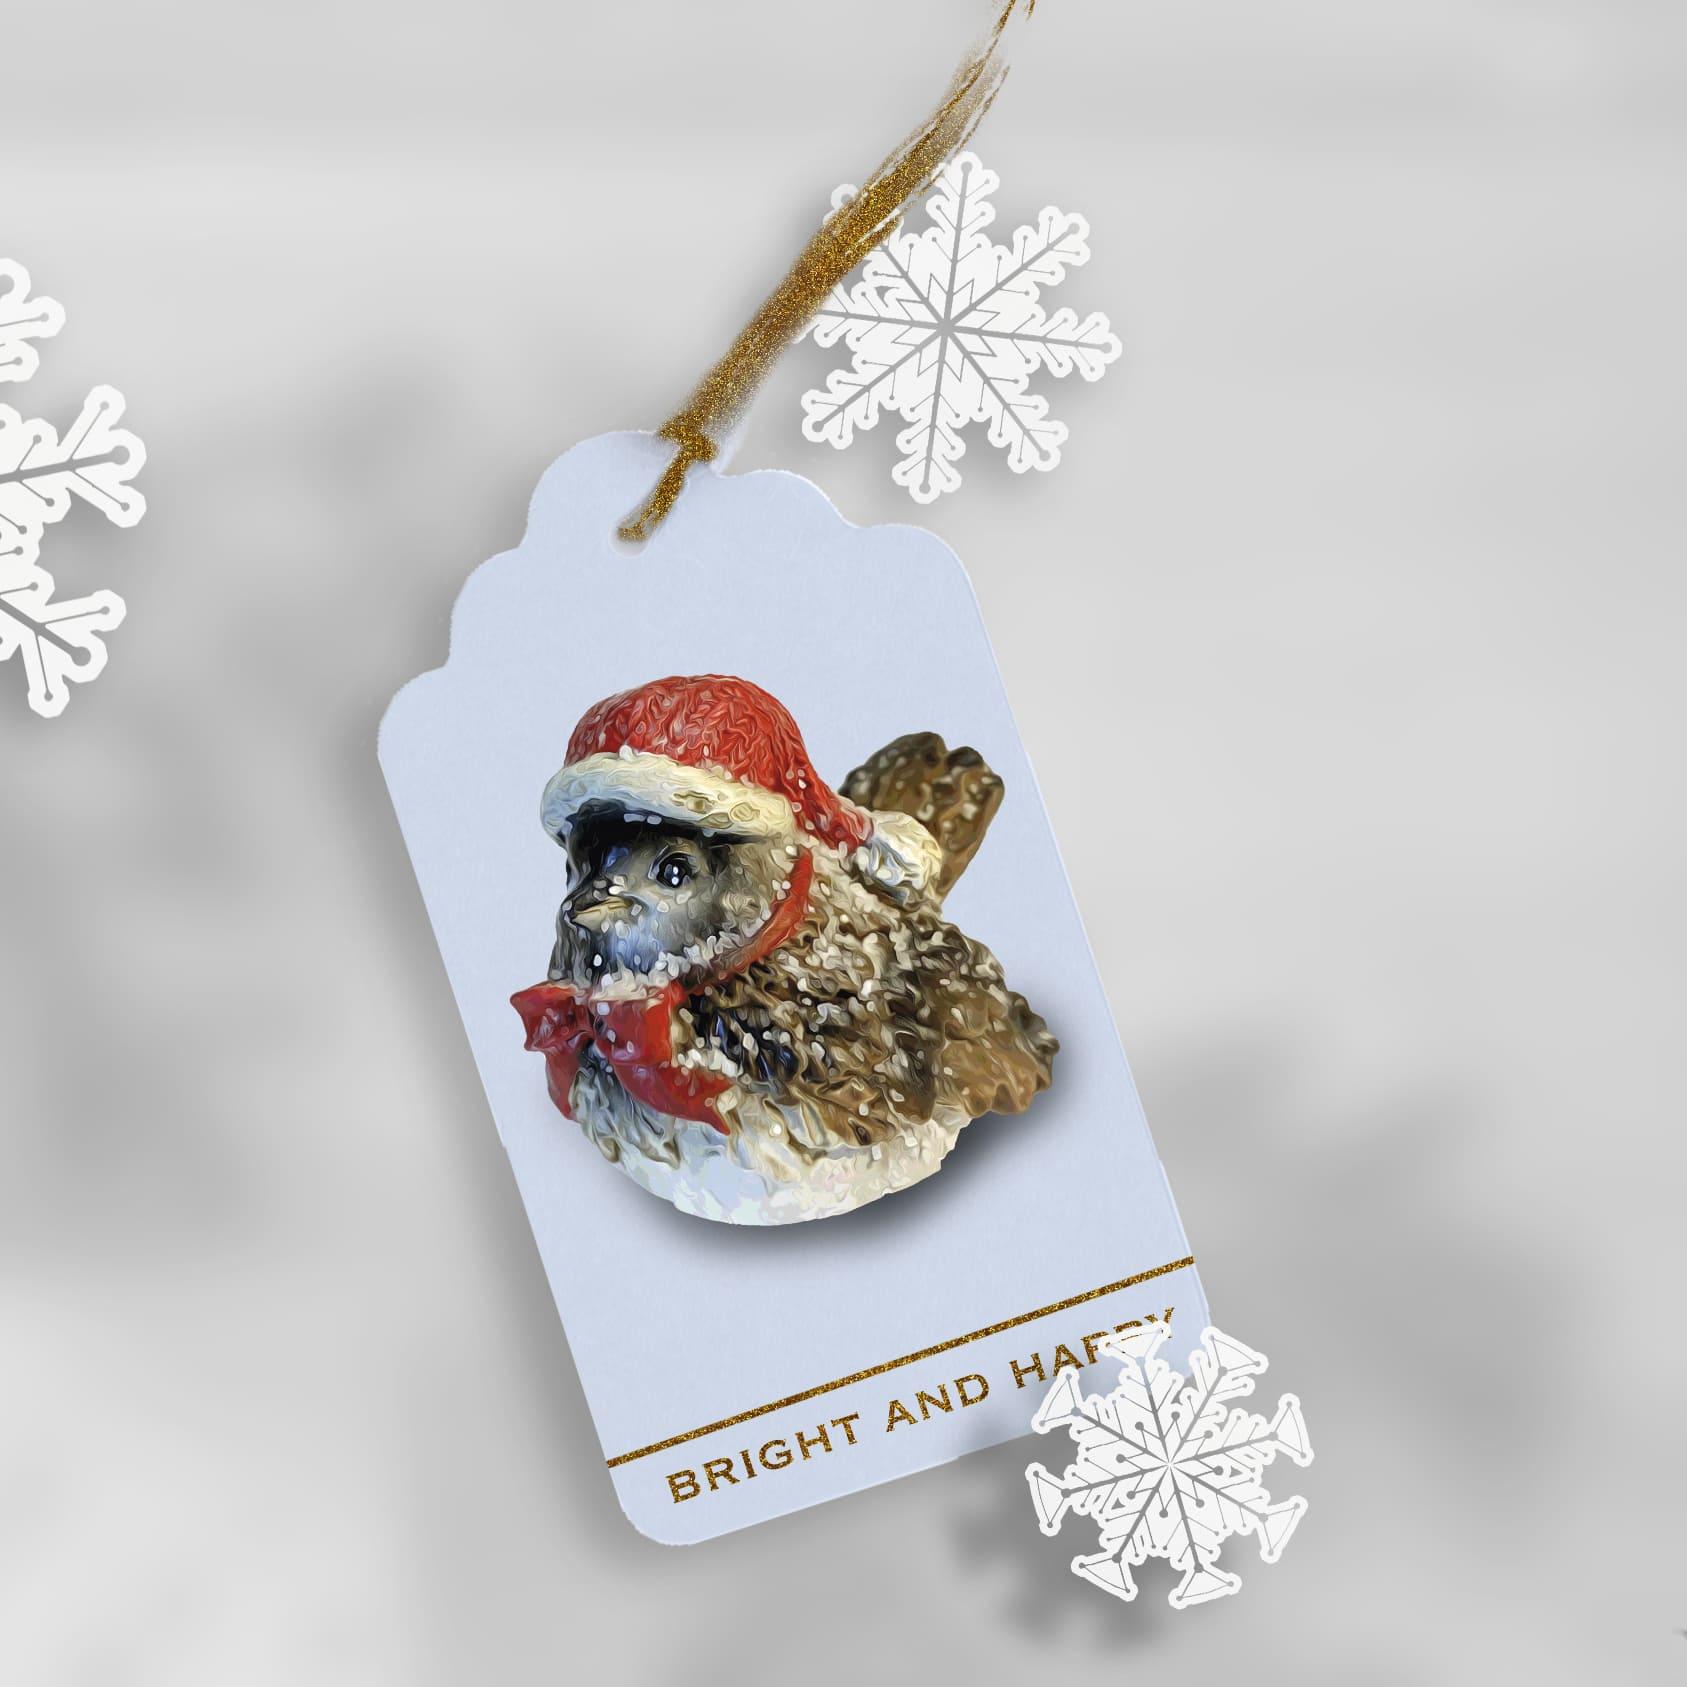 496 Christmas Illustrations: Christmas Vectors Bundle SVG, EPS, AI - d